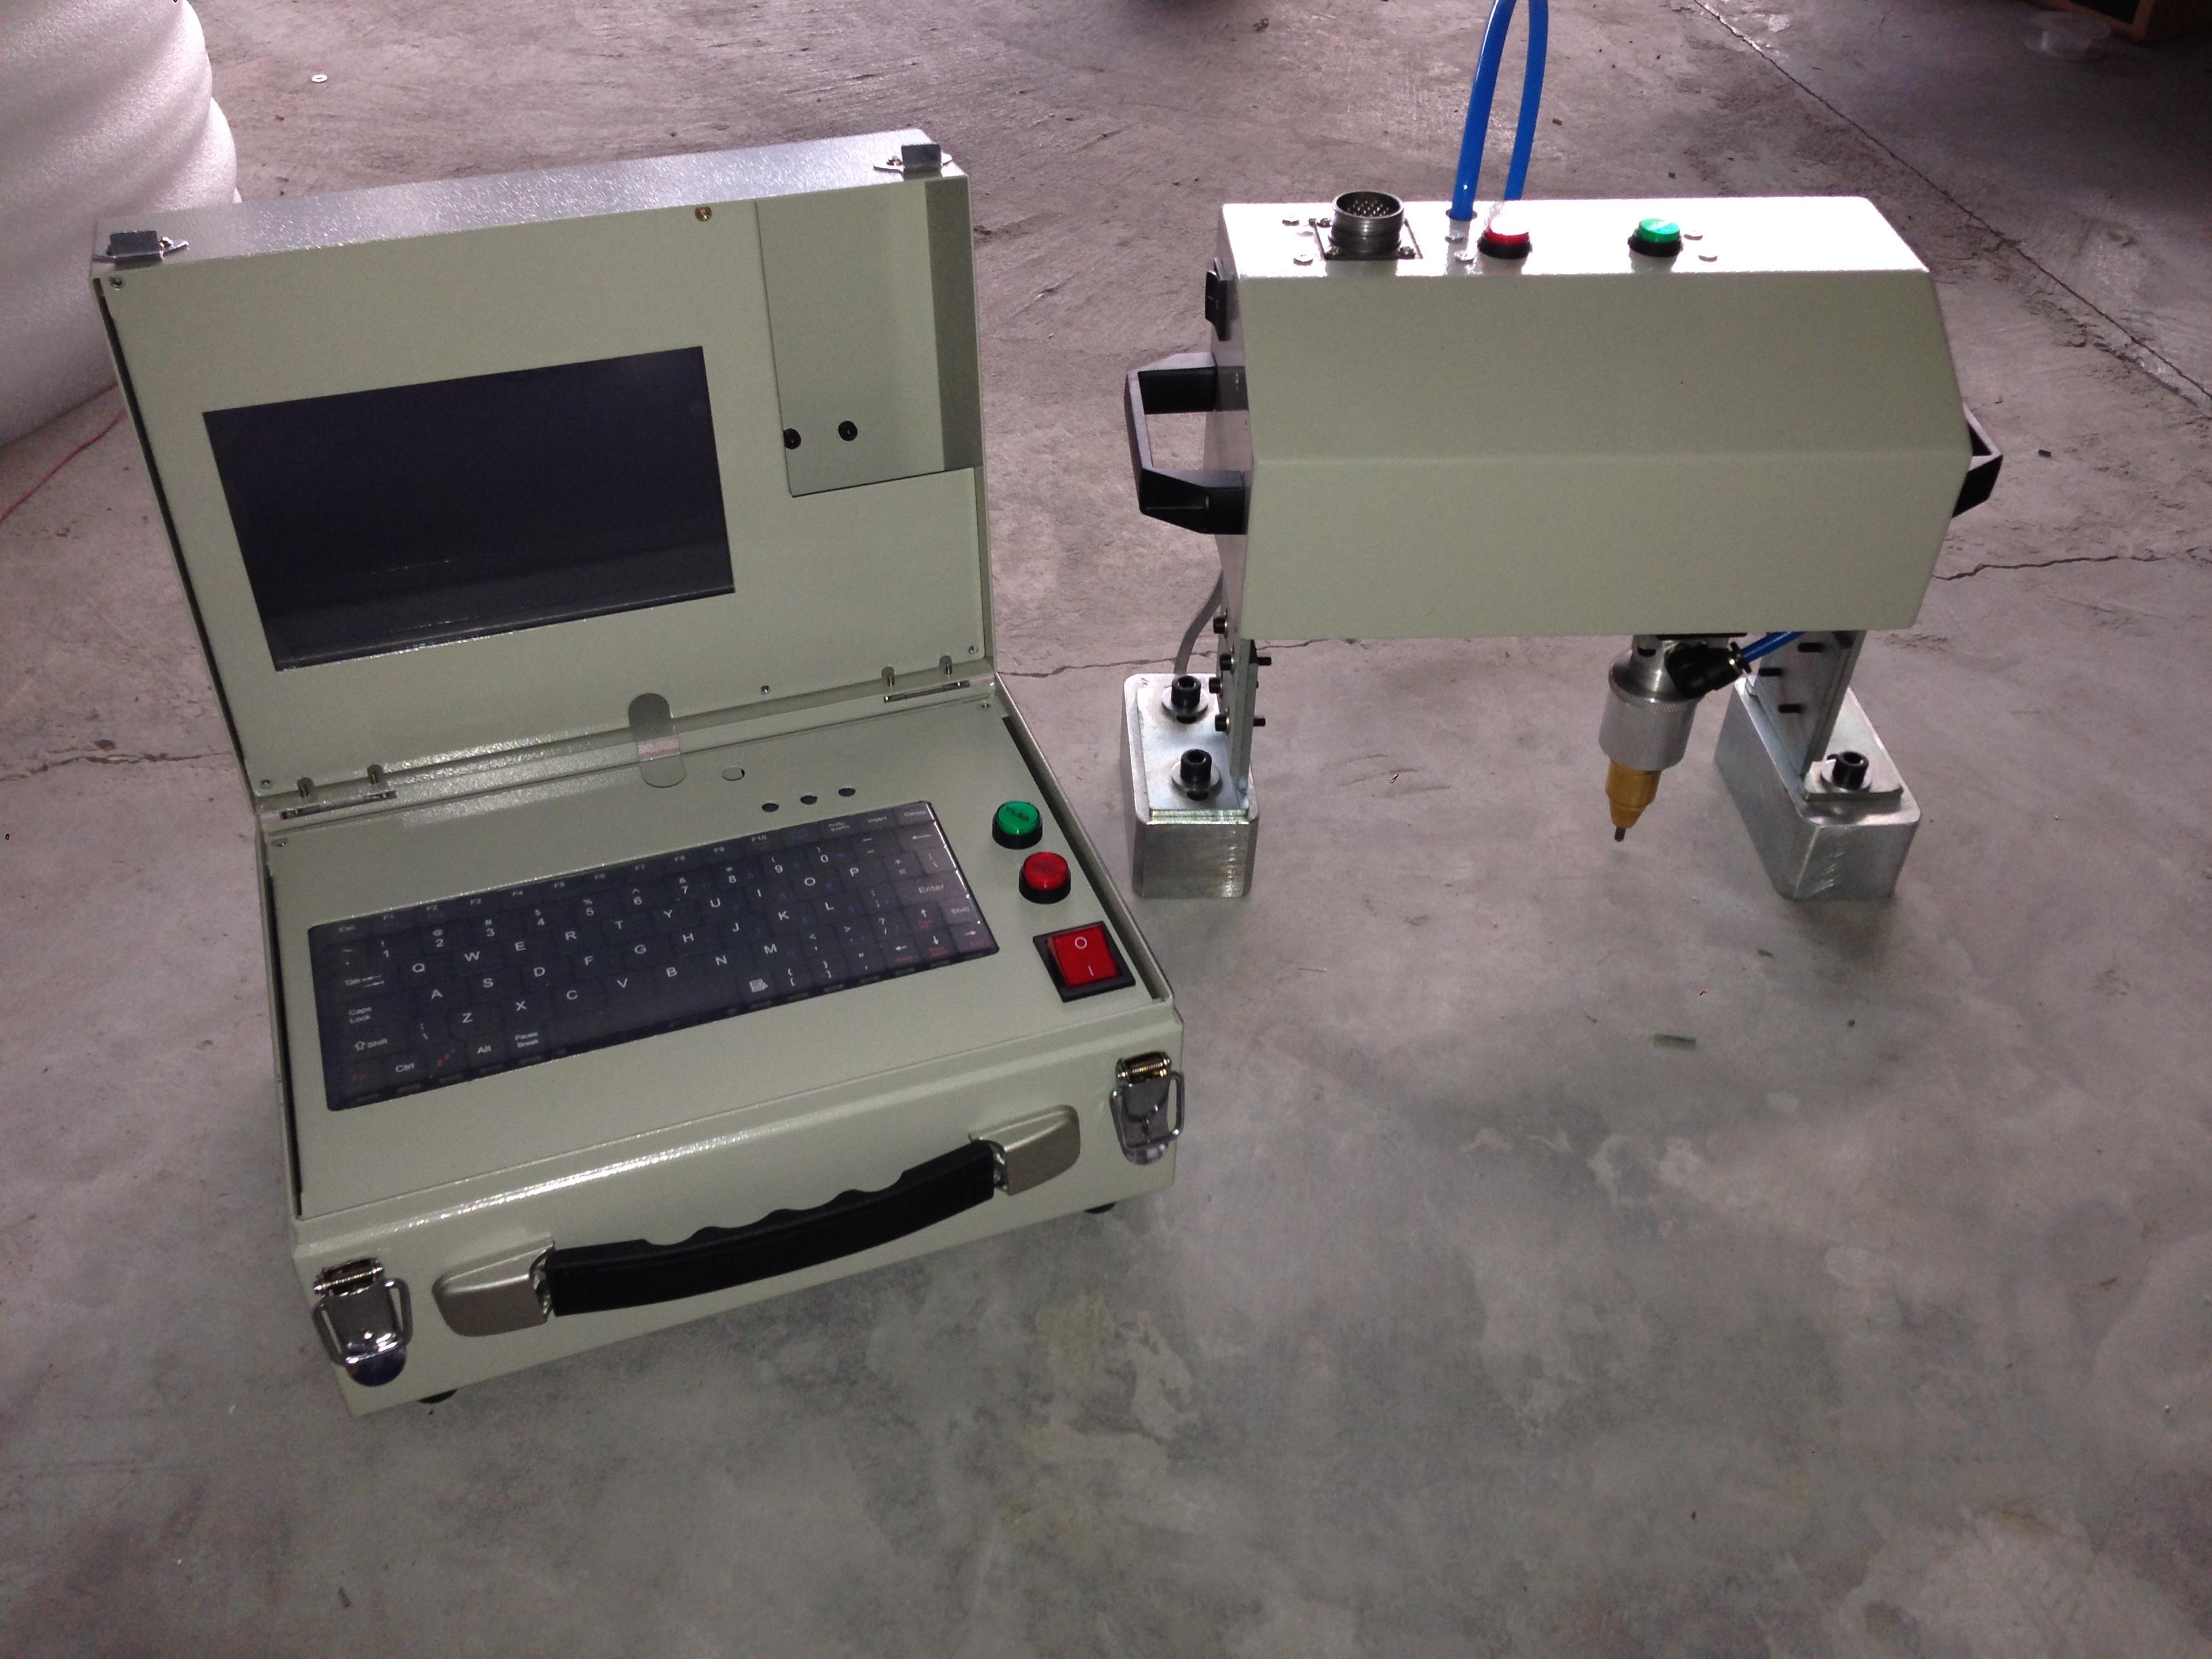 Shan Xing marca de neumático industrial PC de pantalla táctil de la escultura de metal de código máquina de venta automática de paquetes